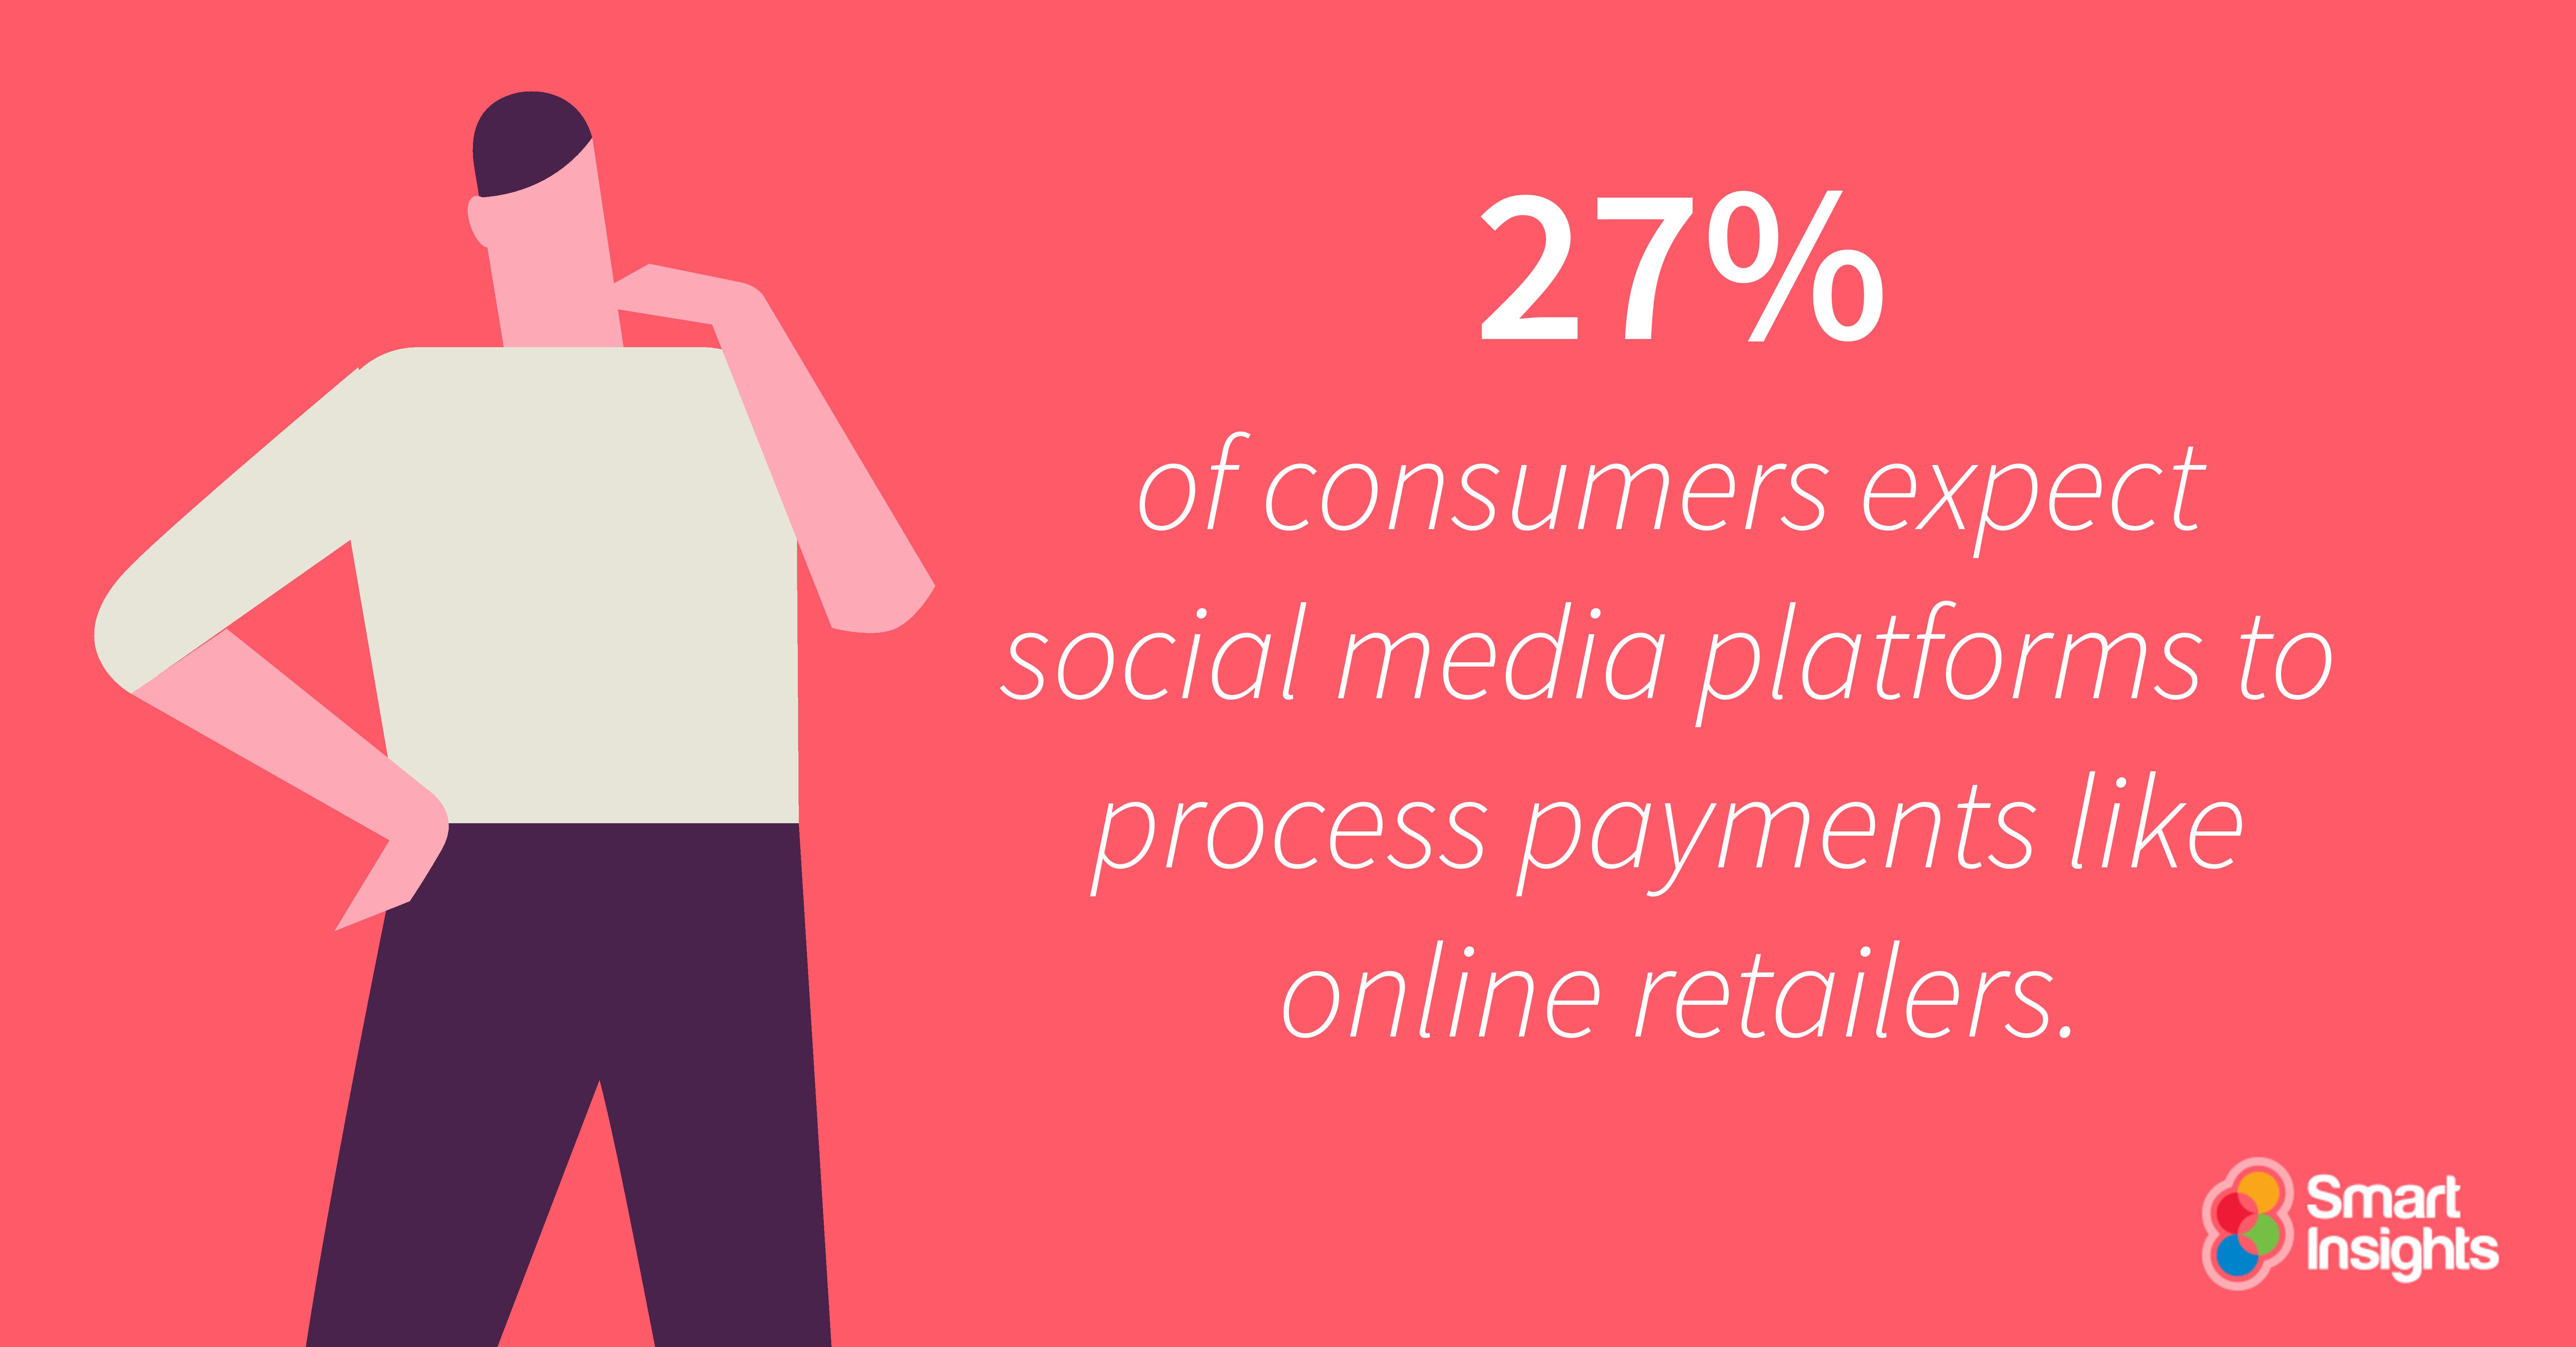 Il 27% dei consumatori si aspetta che le piattaforme di social media elaborino pagamenti come i rivenditori online